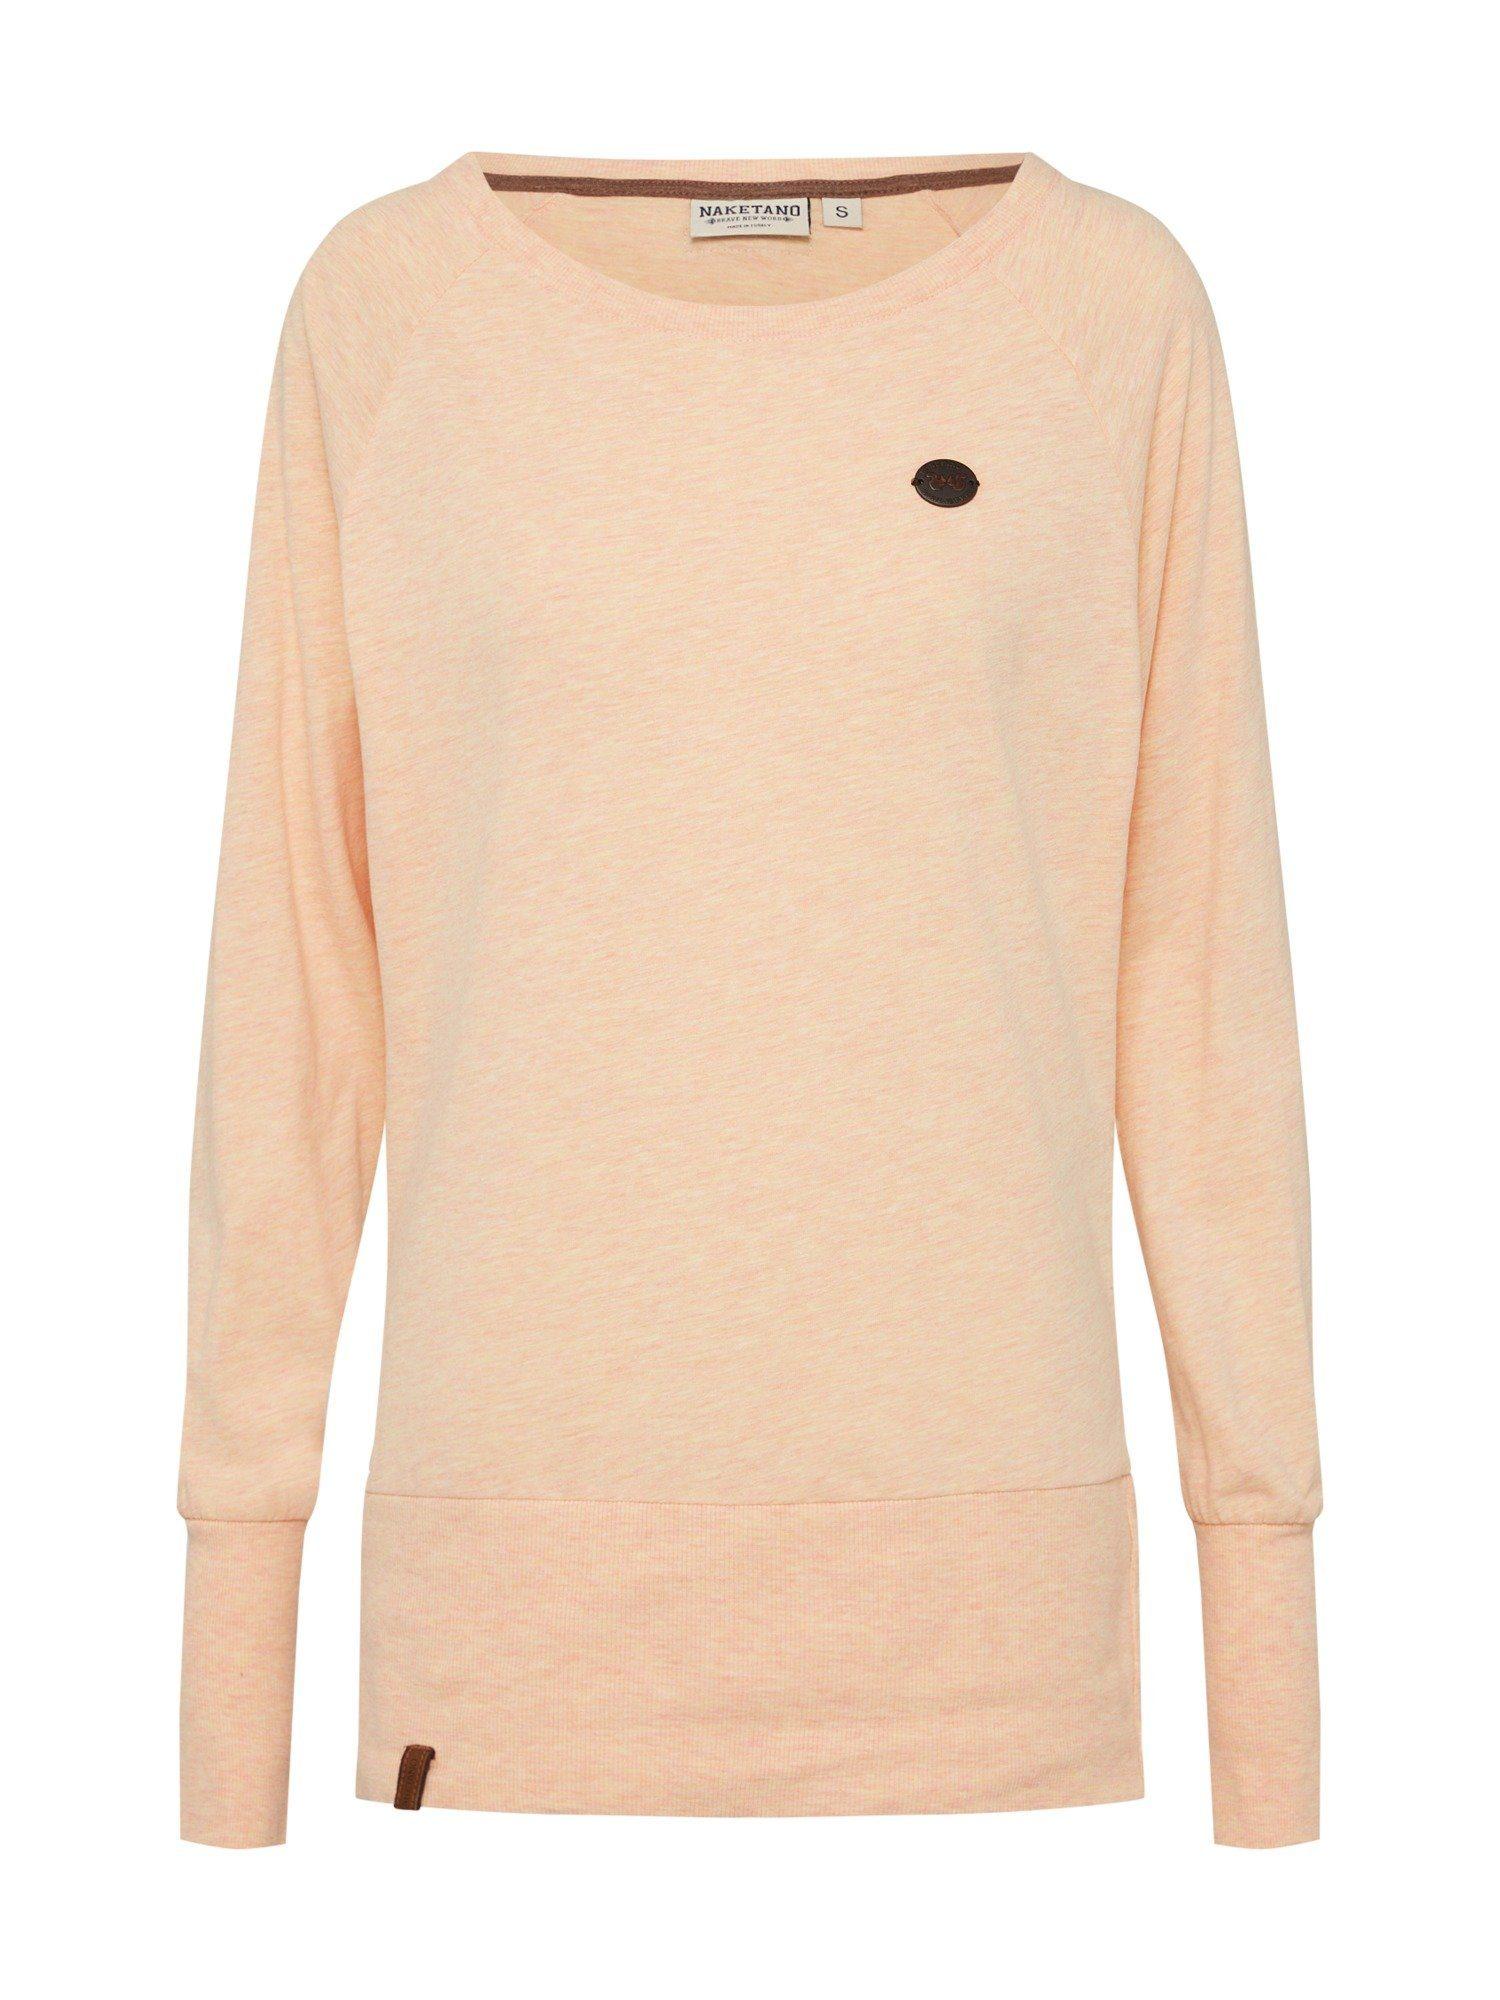 naketano Sweater »Groupie«, Sweatshirt mit langen Rippen online kaufen | OTTO